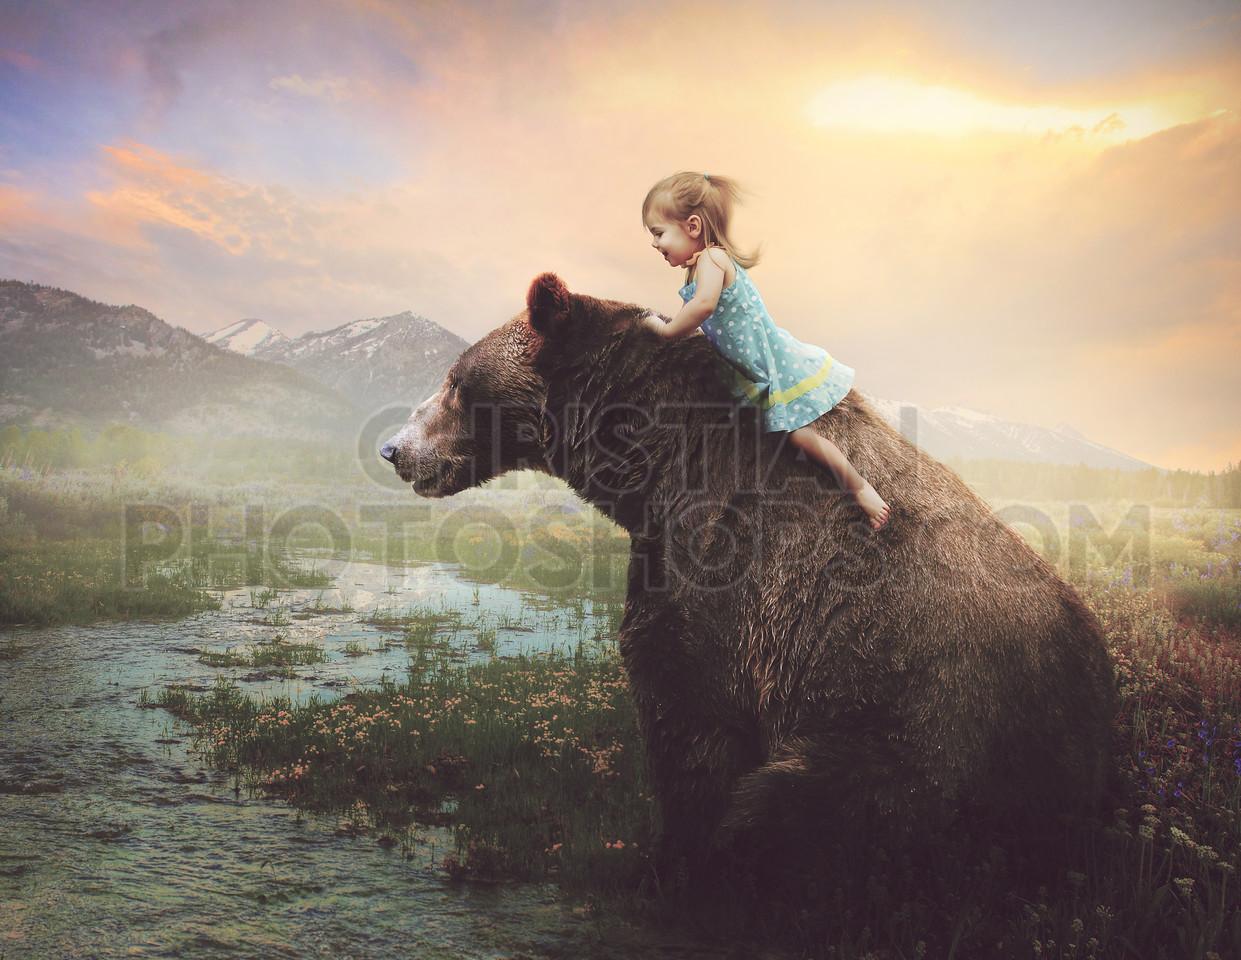 Little girl on a big bear